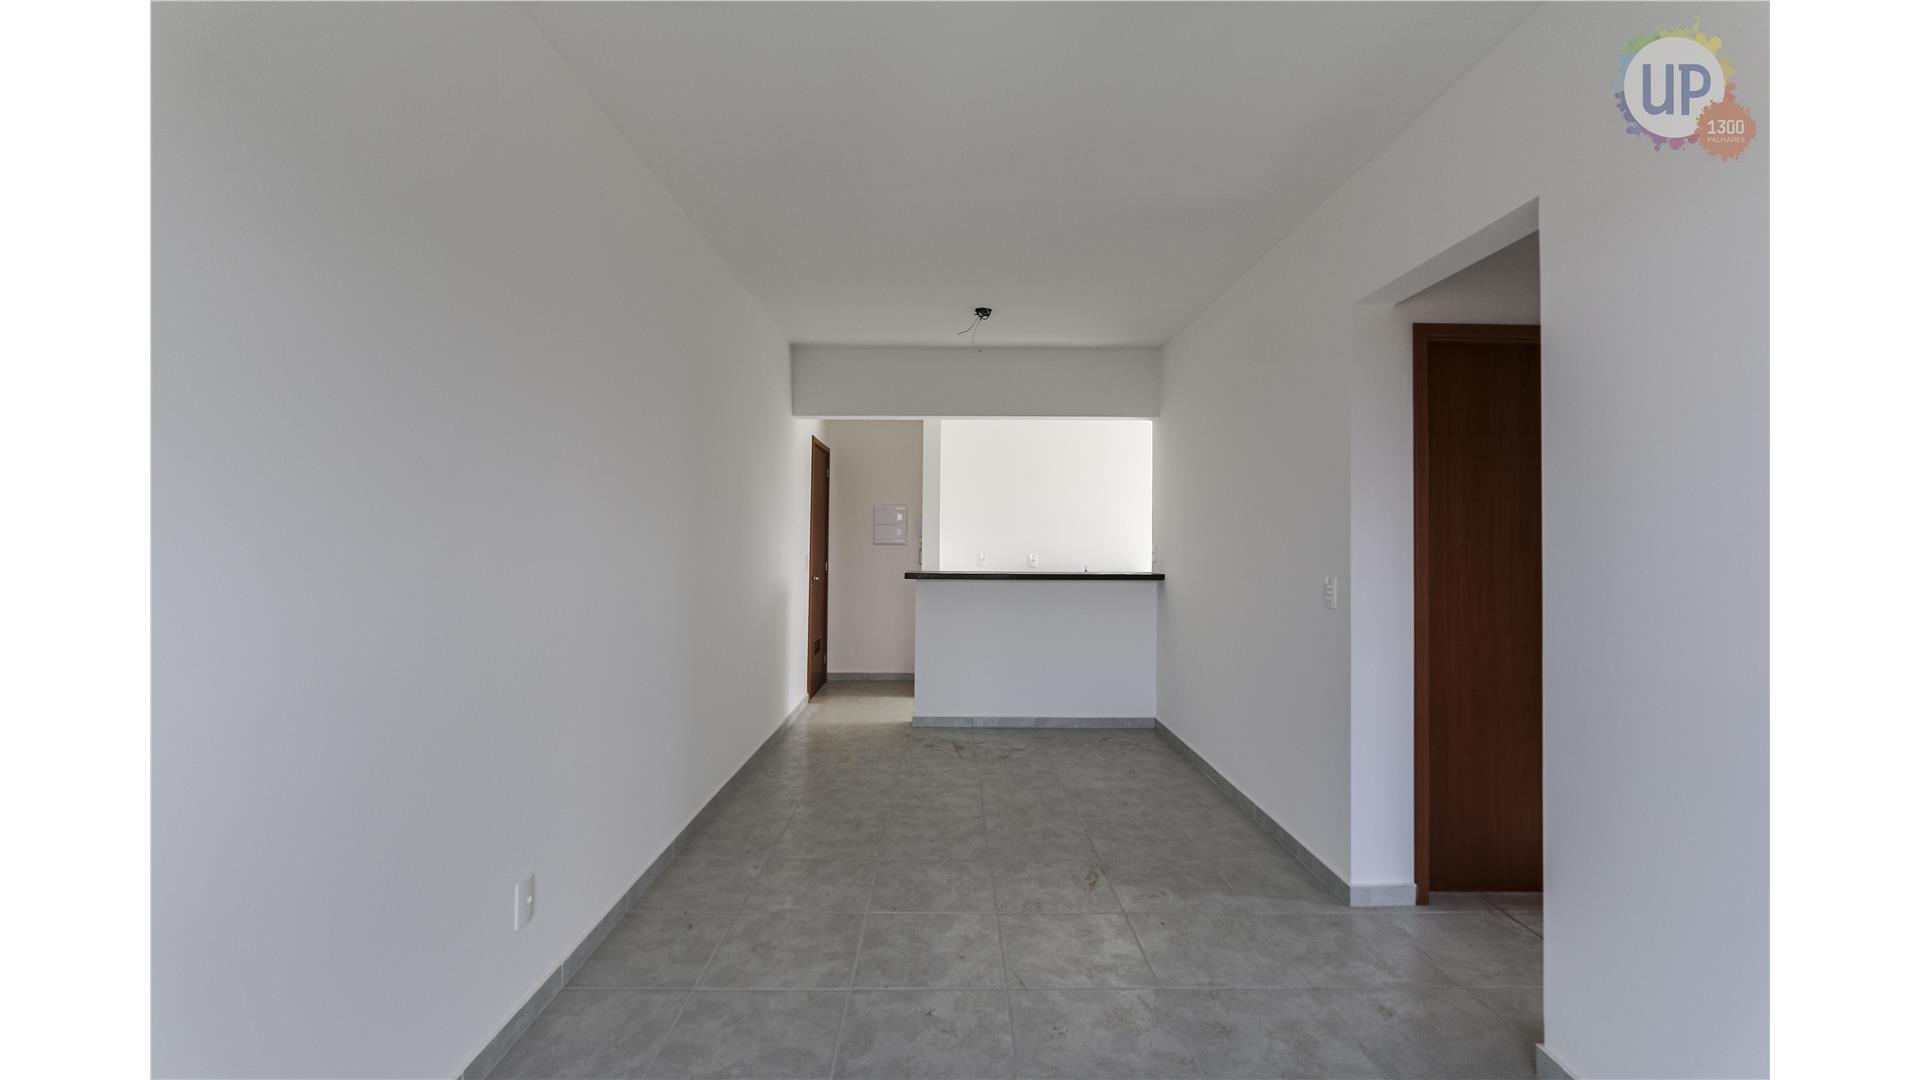 Sala 3.JPG